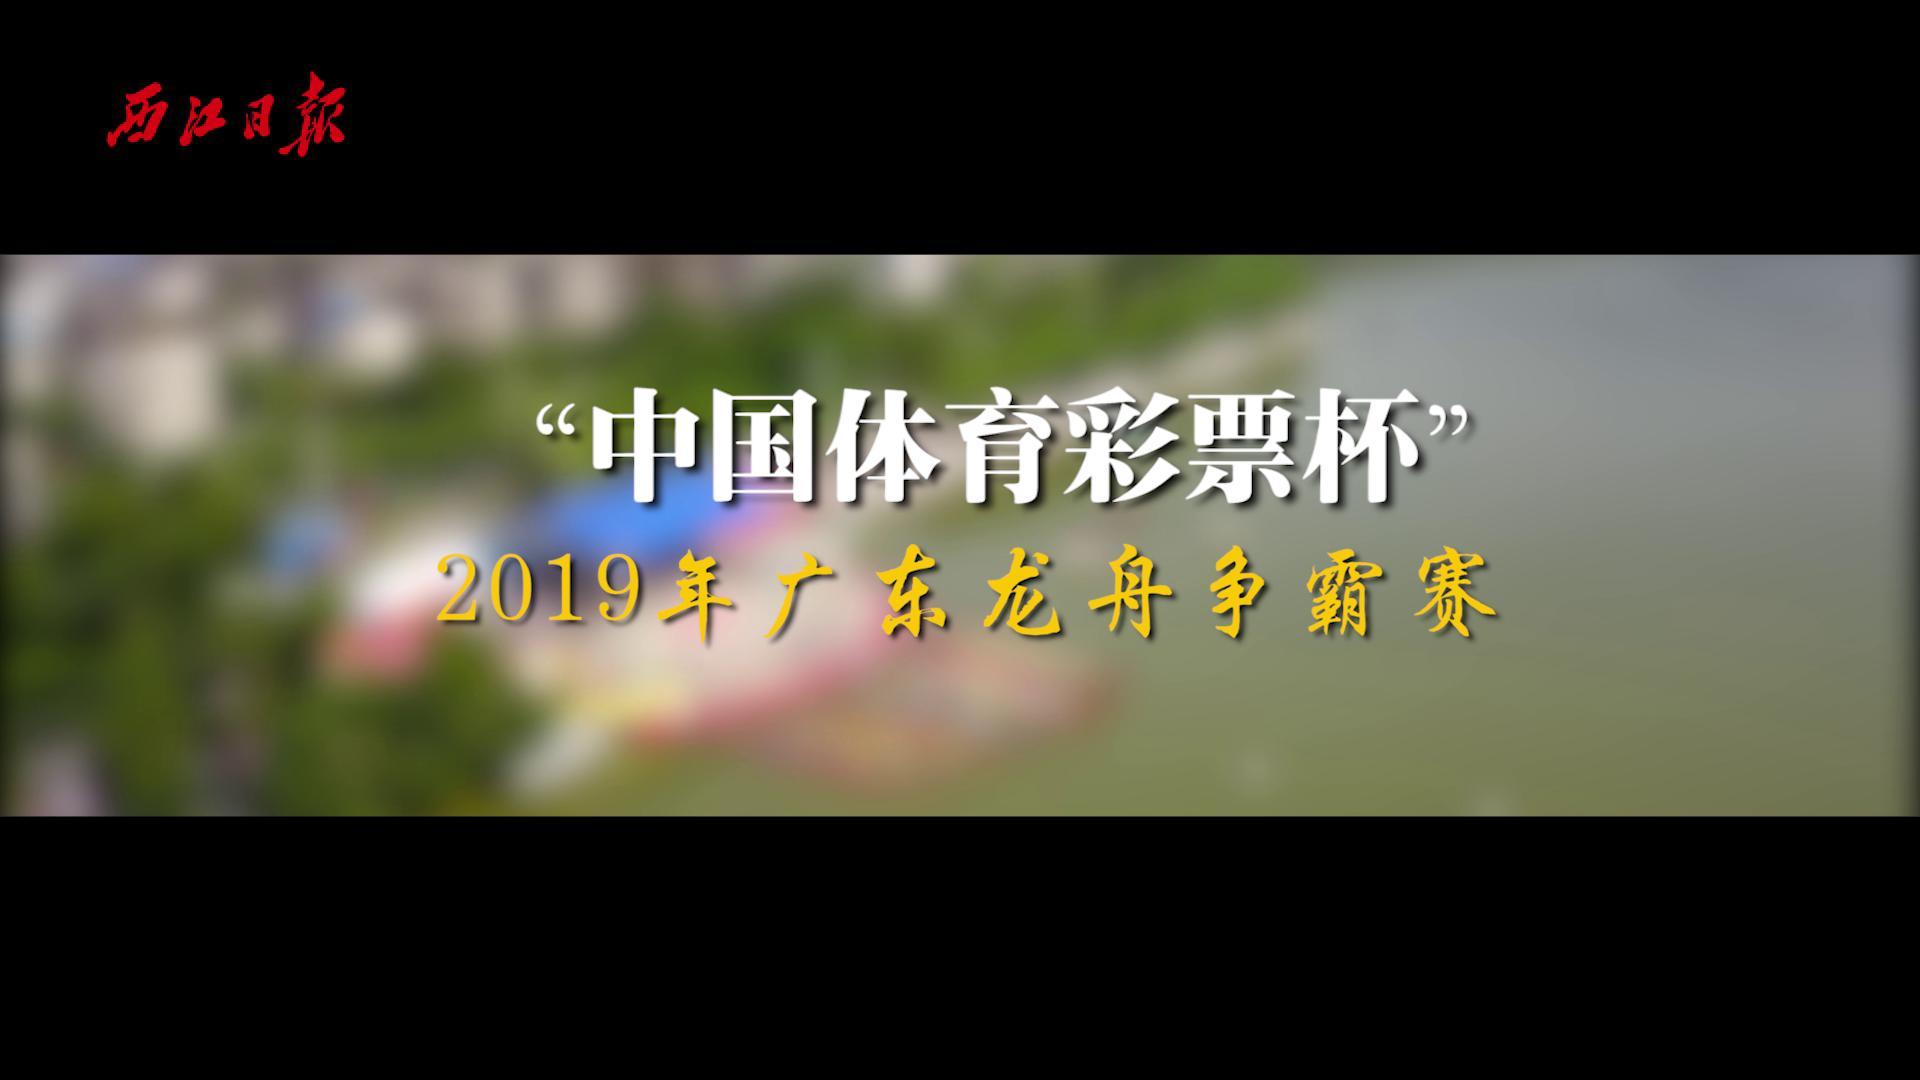 精彩航拍!2019廣東省龍舟爭霸賽